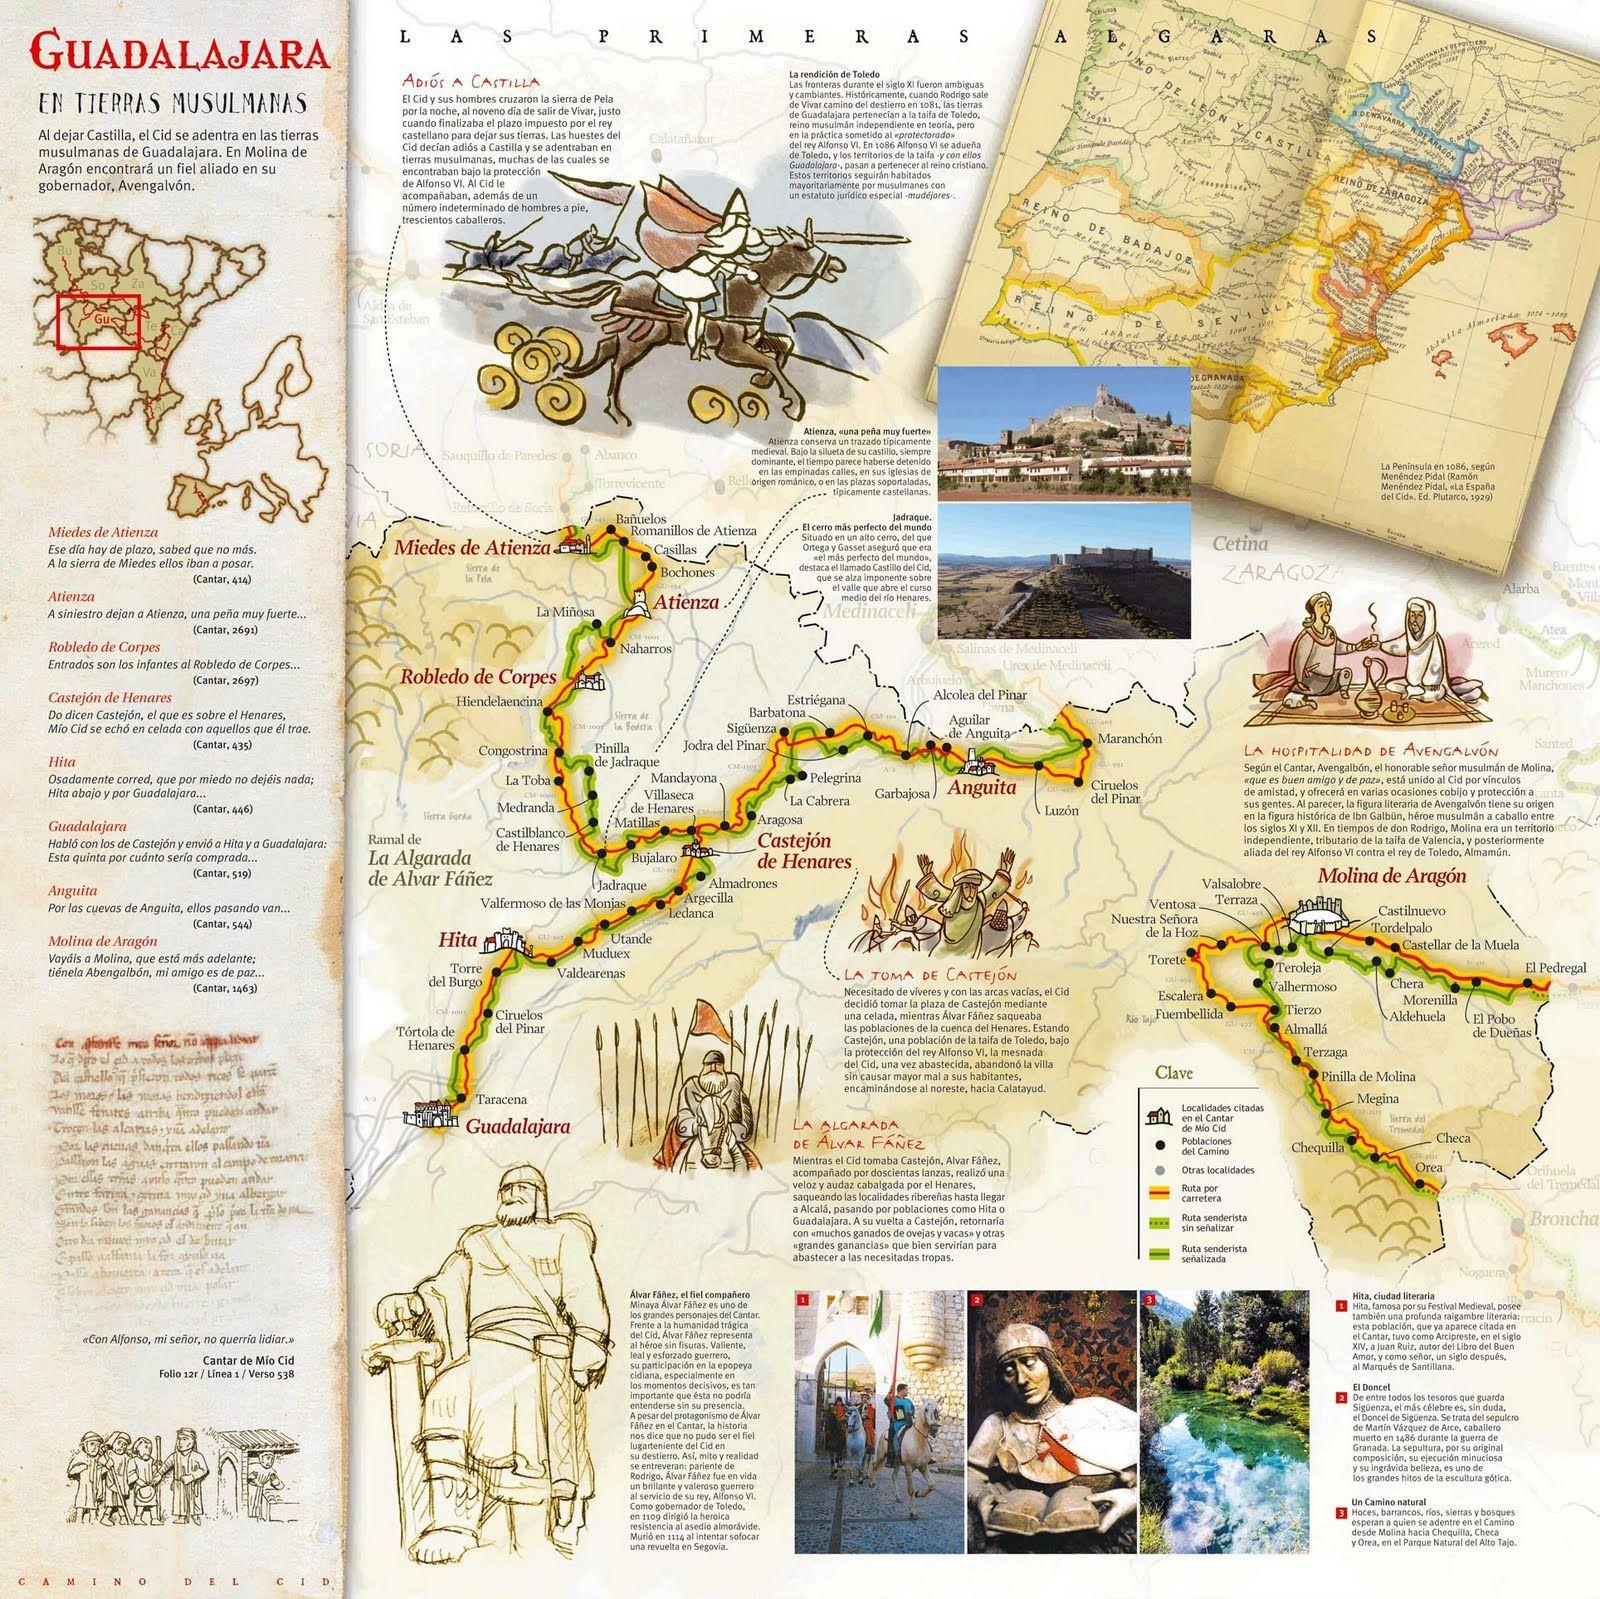 Guadalajara España Guadalajara Spain Vintage World Maps